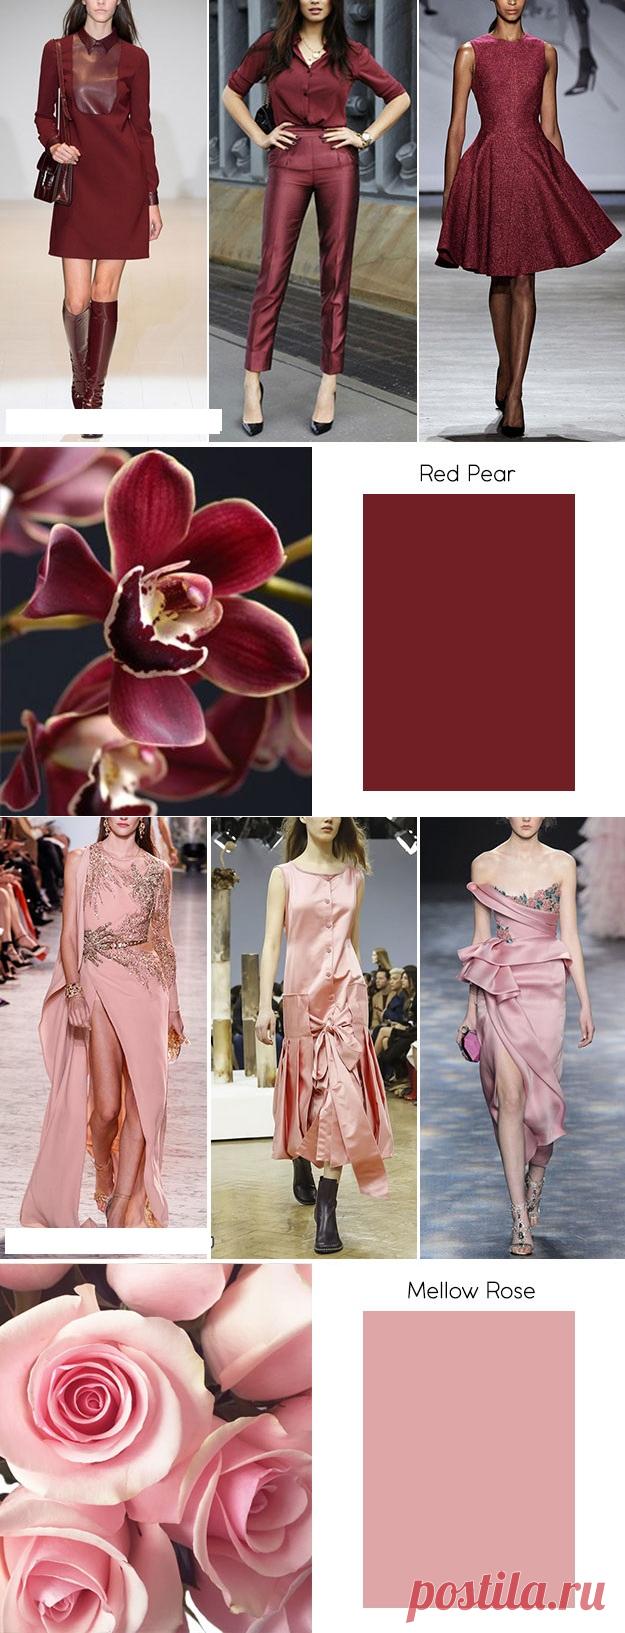 Модные цвета осень-зима 2018/2019 - Adfave